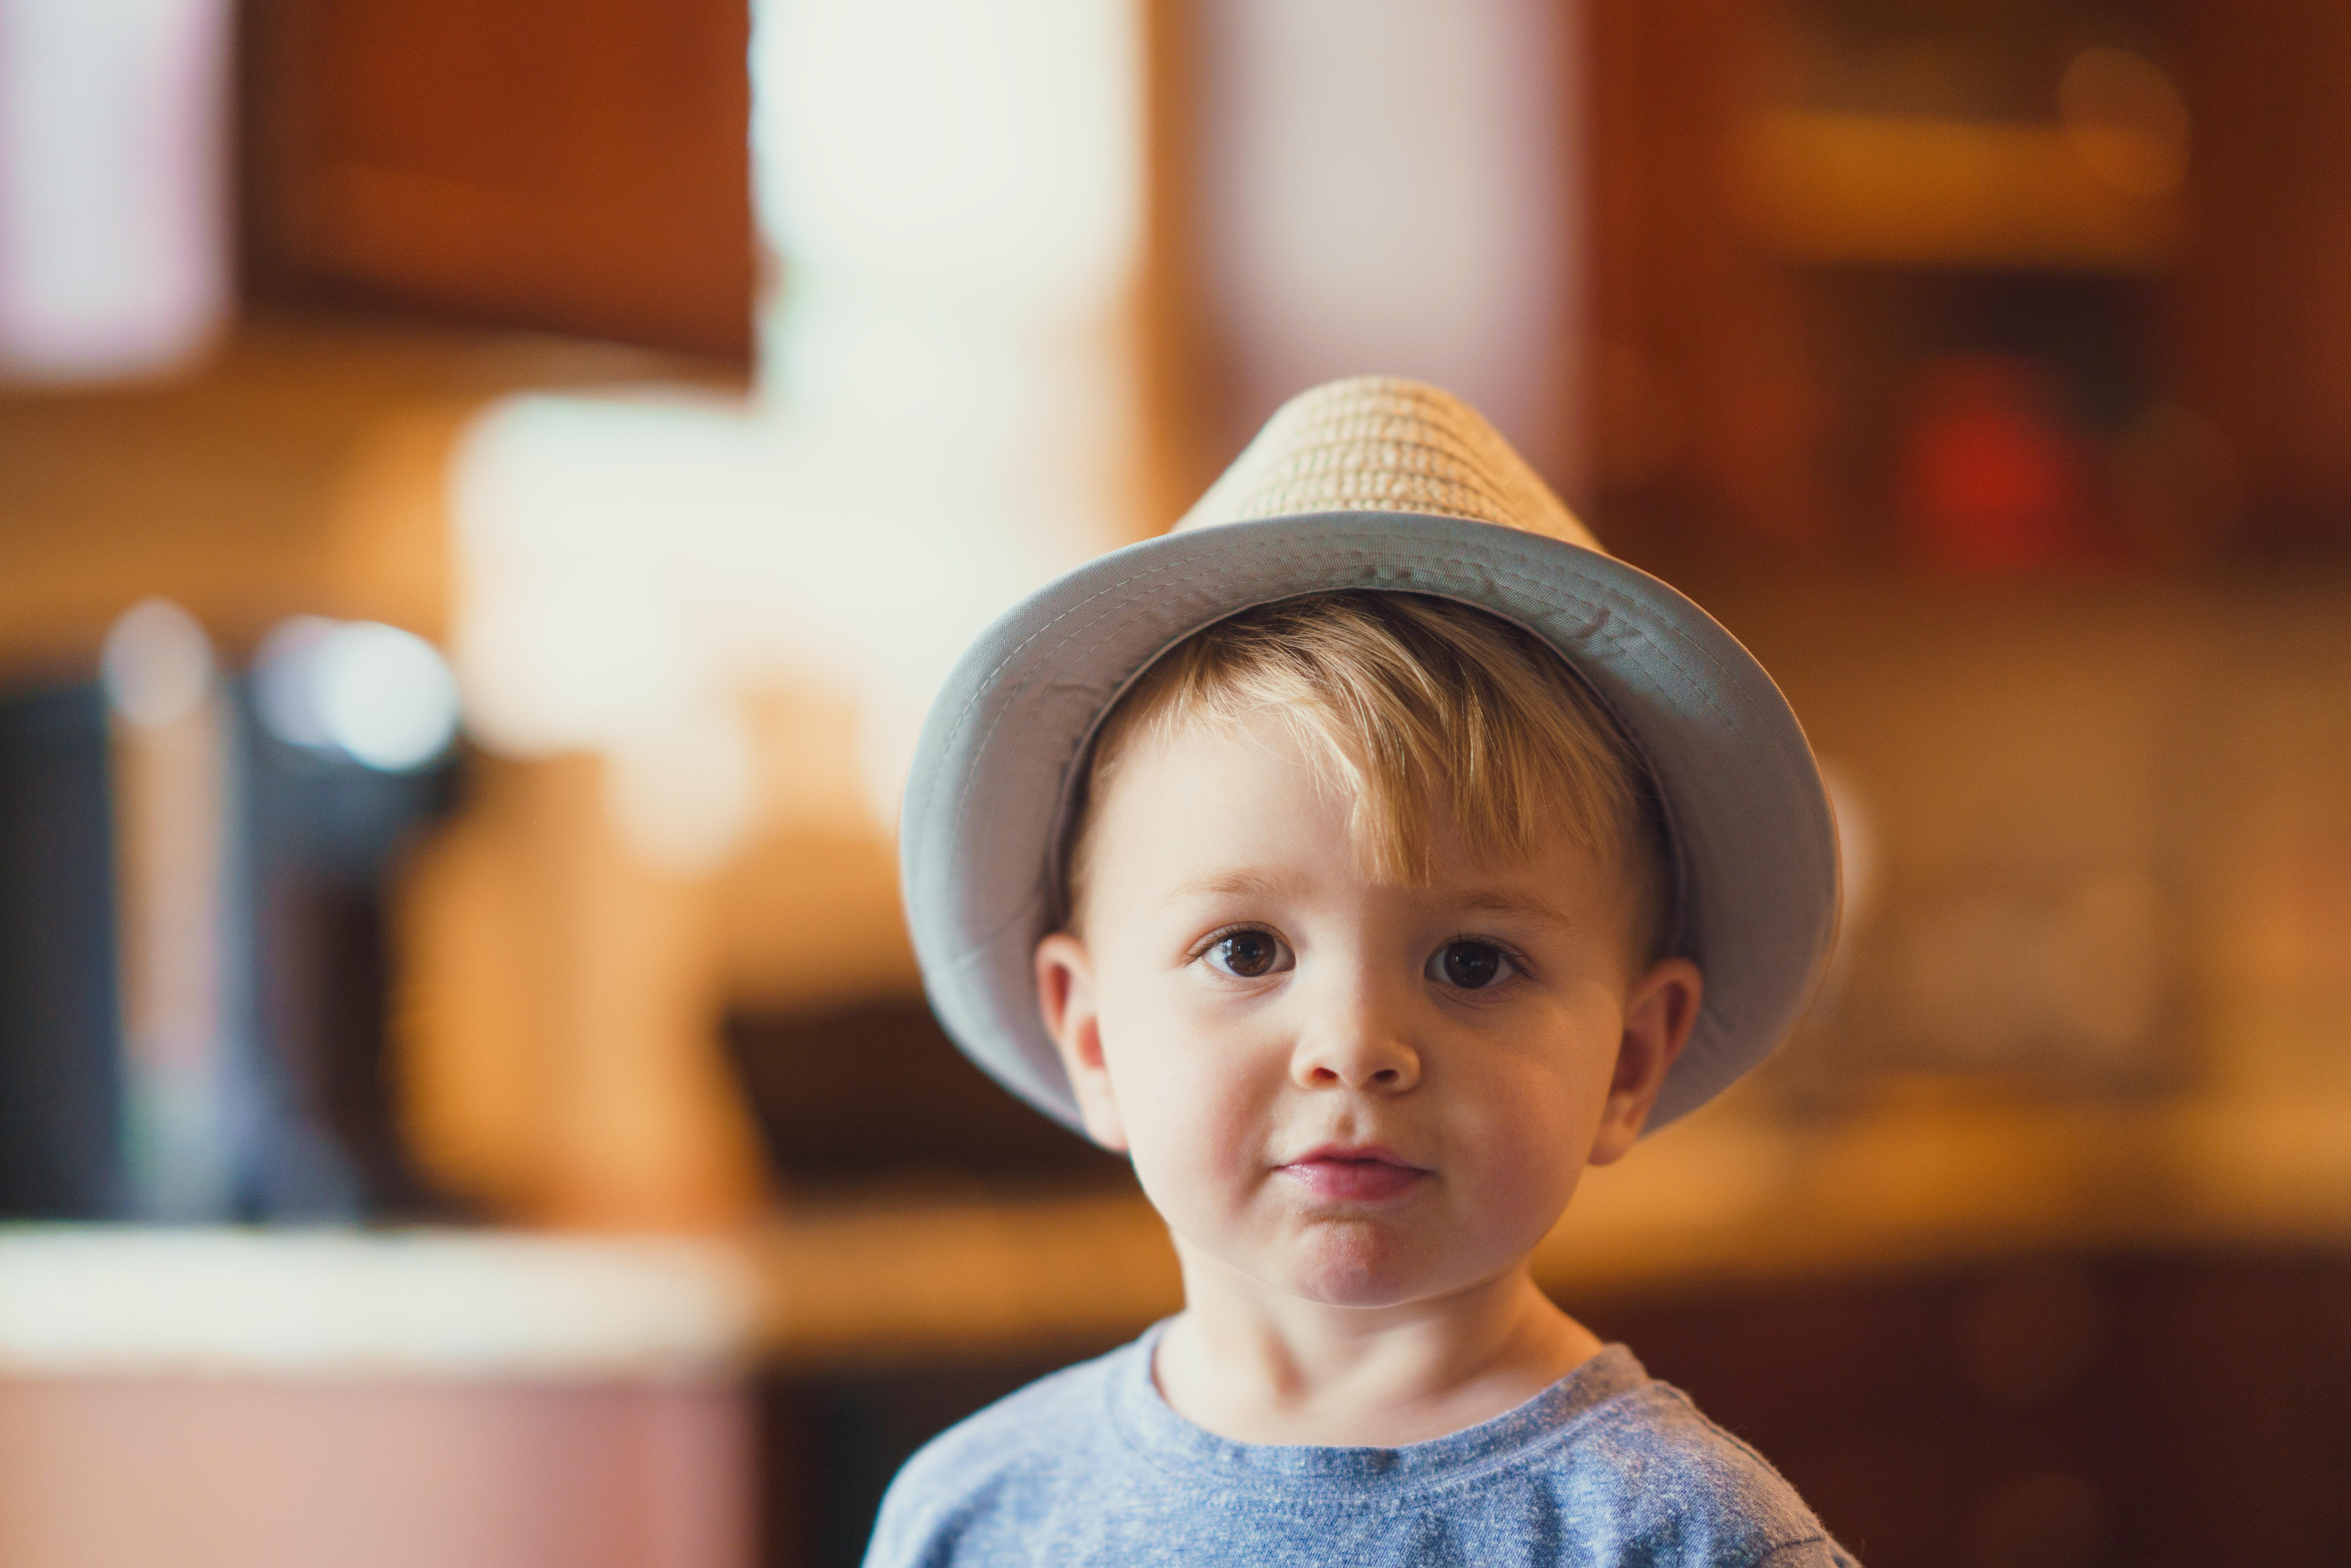 closeup photo of boy wearing brown fedora hat